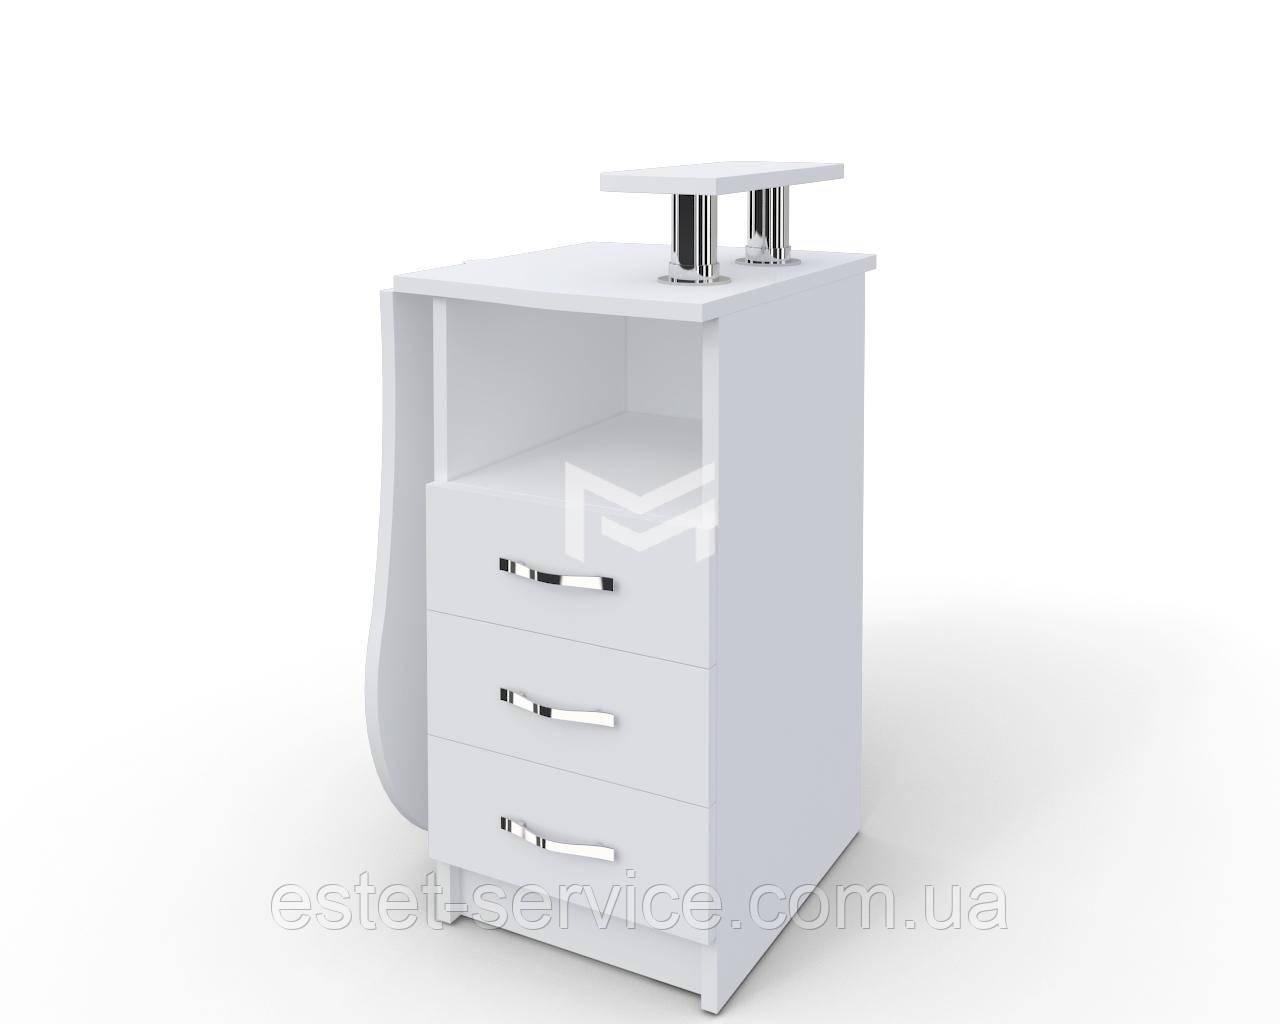 Стол для маникюра Естет компакт №2 со складывающейся столешницей